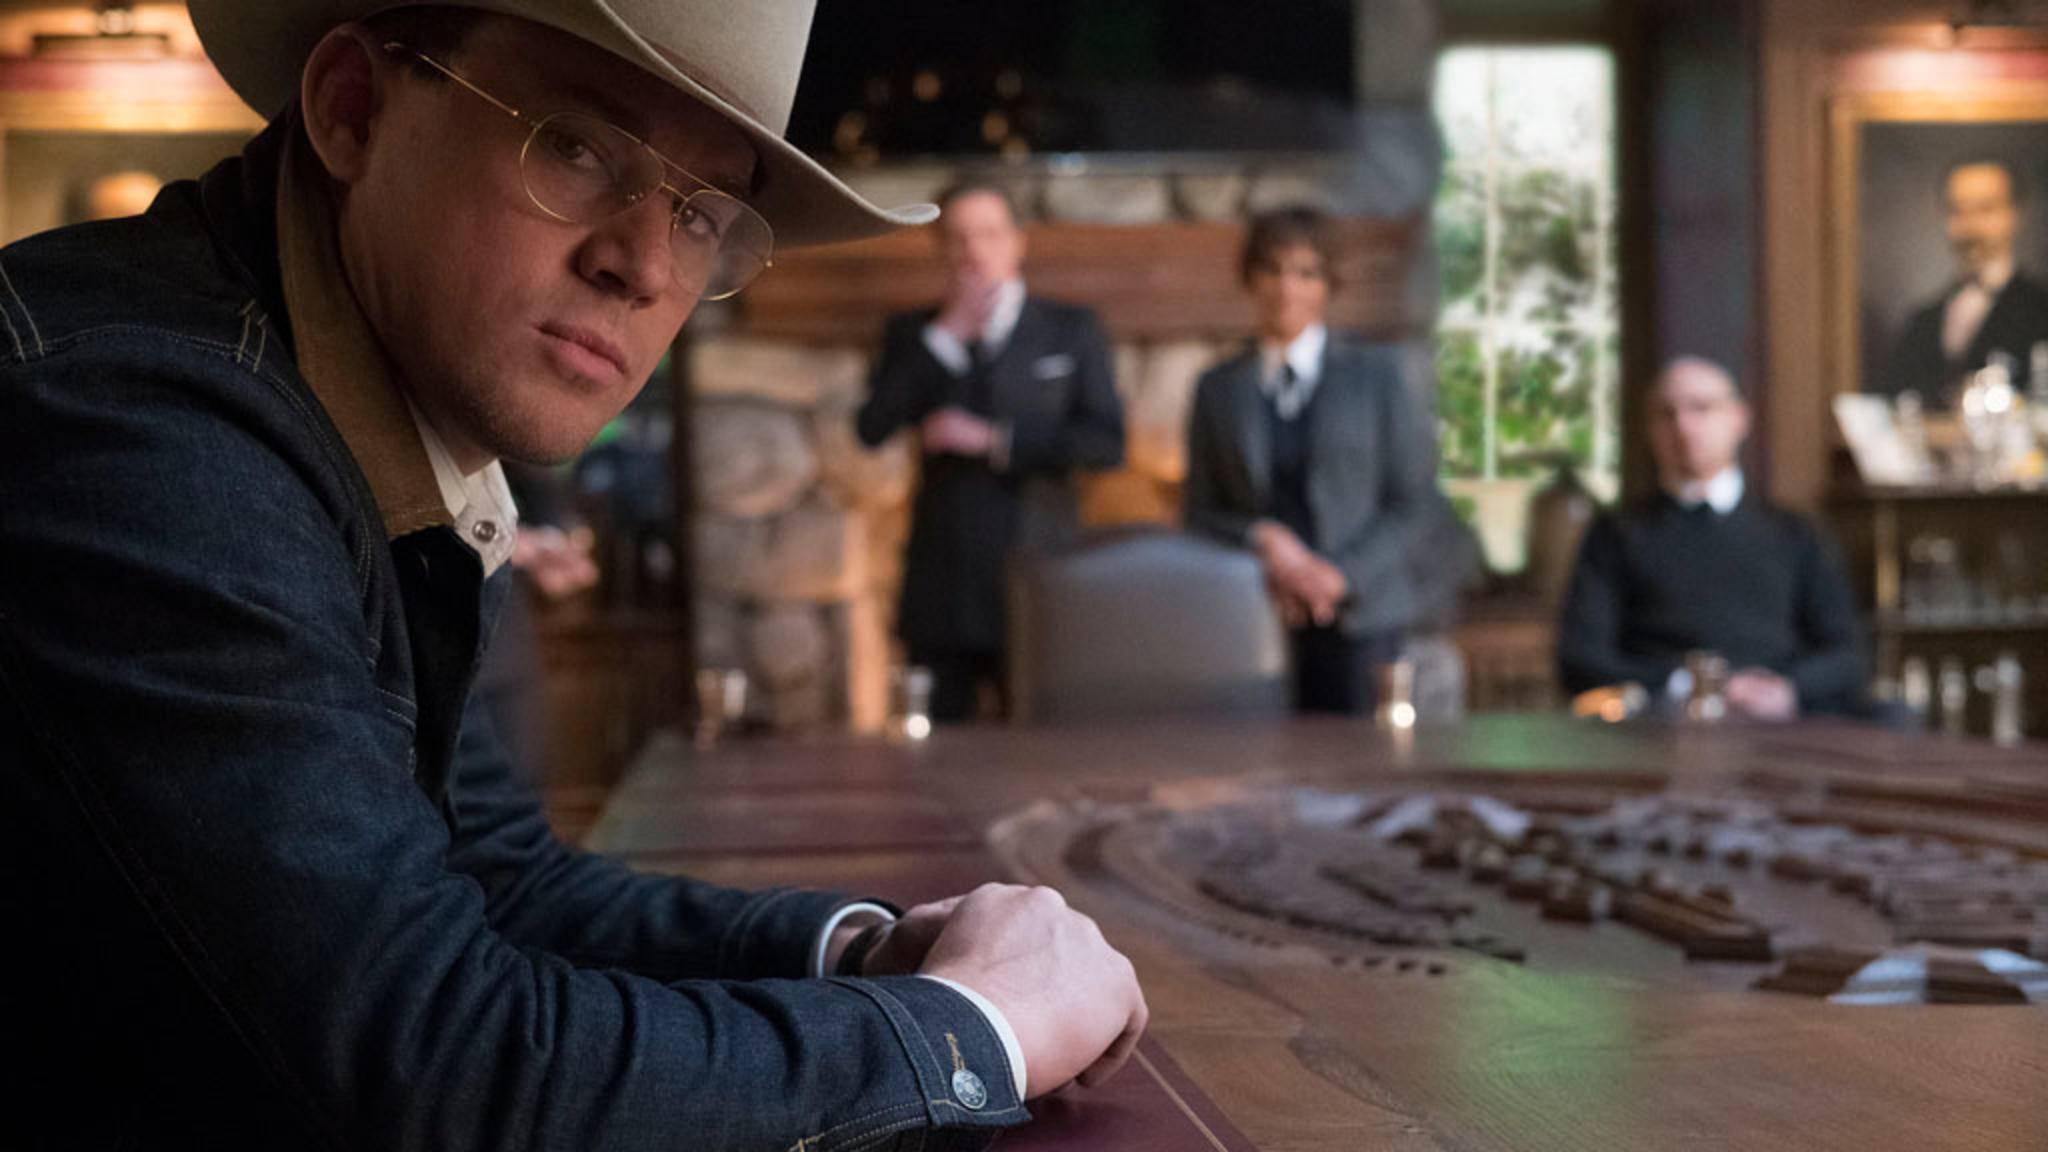 """Patriotisch gab sich Channing Tatum auch in """"Kingsman: The Golden Circle"""". Statt als Captain America sahen ihn Kinogänger hier als Statesman-Mitglied."""